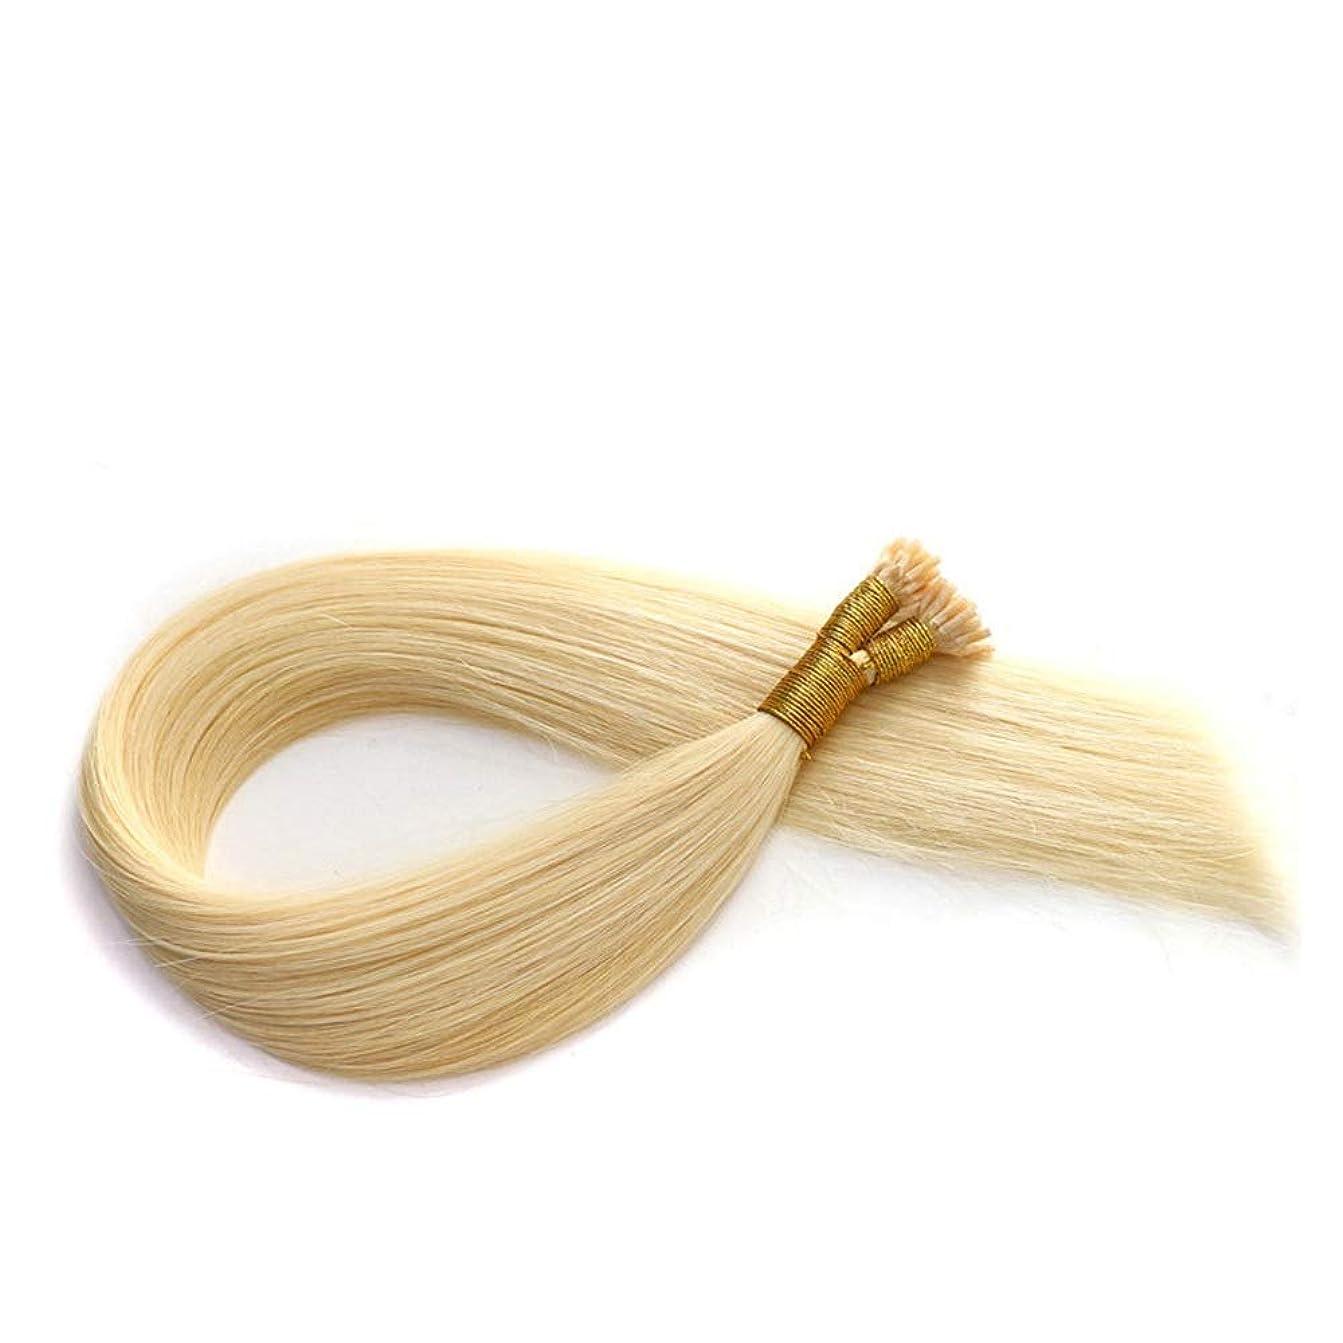 放牧する入るポップWASAIO ヘアエクステンションクリップのシームレスな髪型ブロンドナノリングリテラル太い人間レミーすべての長さの光 (色 : Blonde, サイズ : 28 inch)